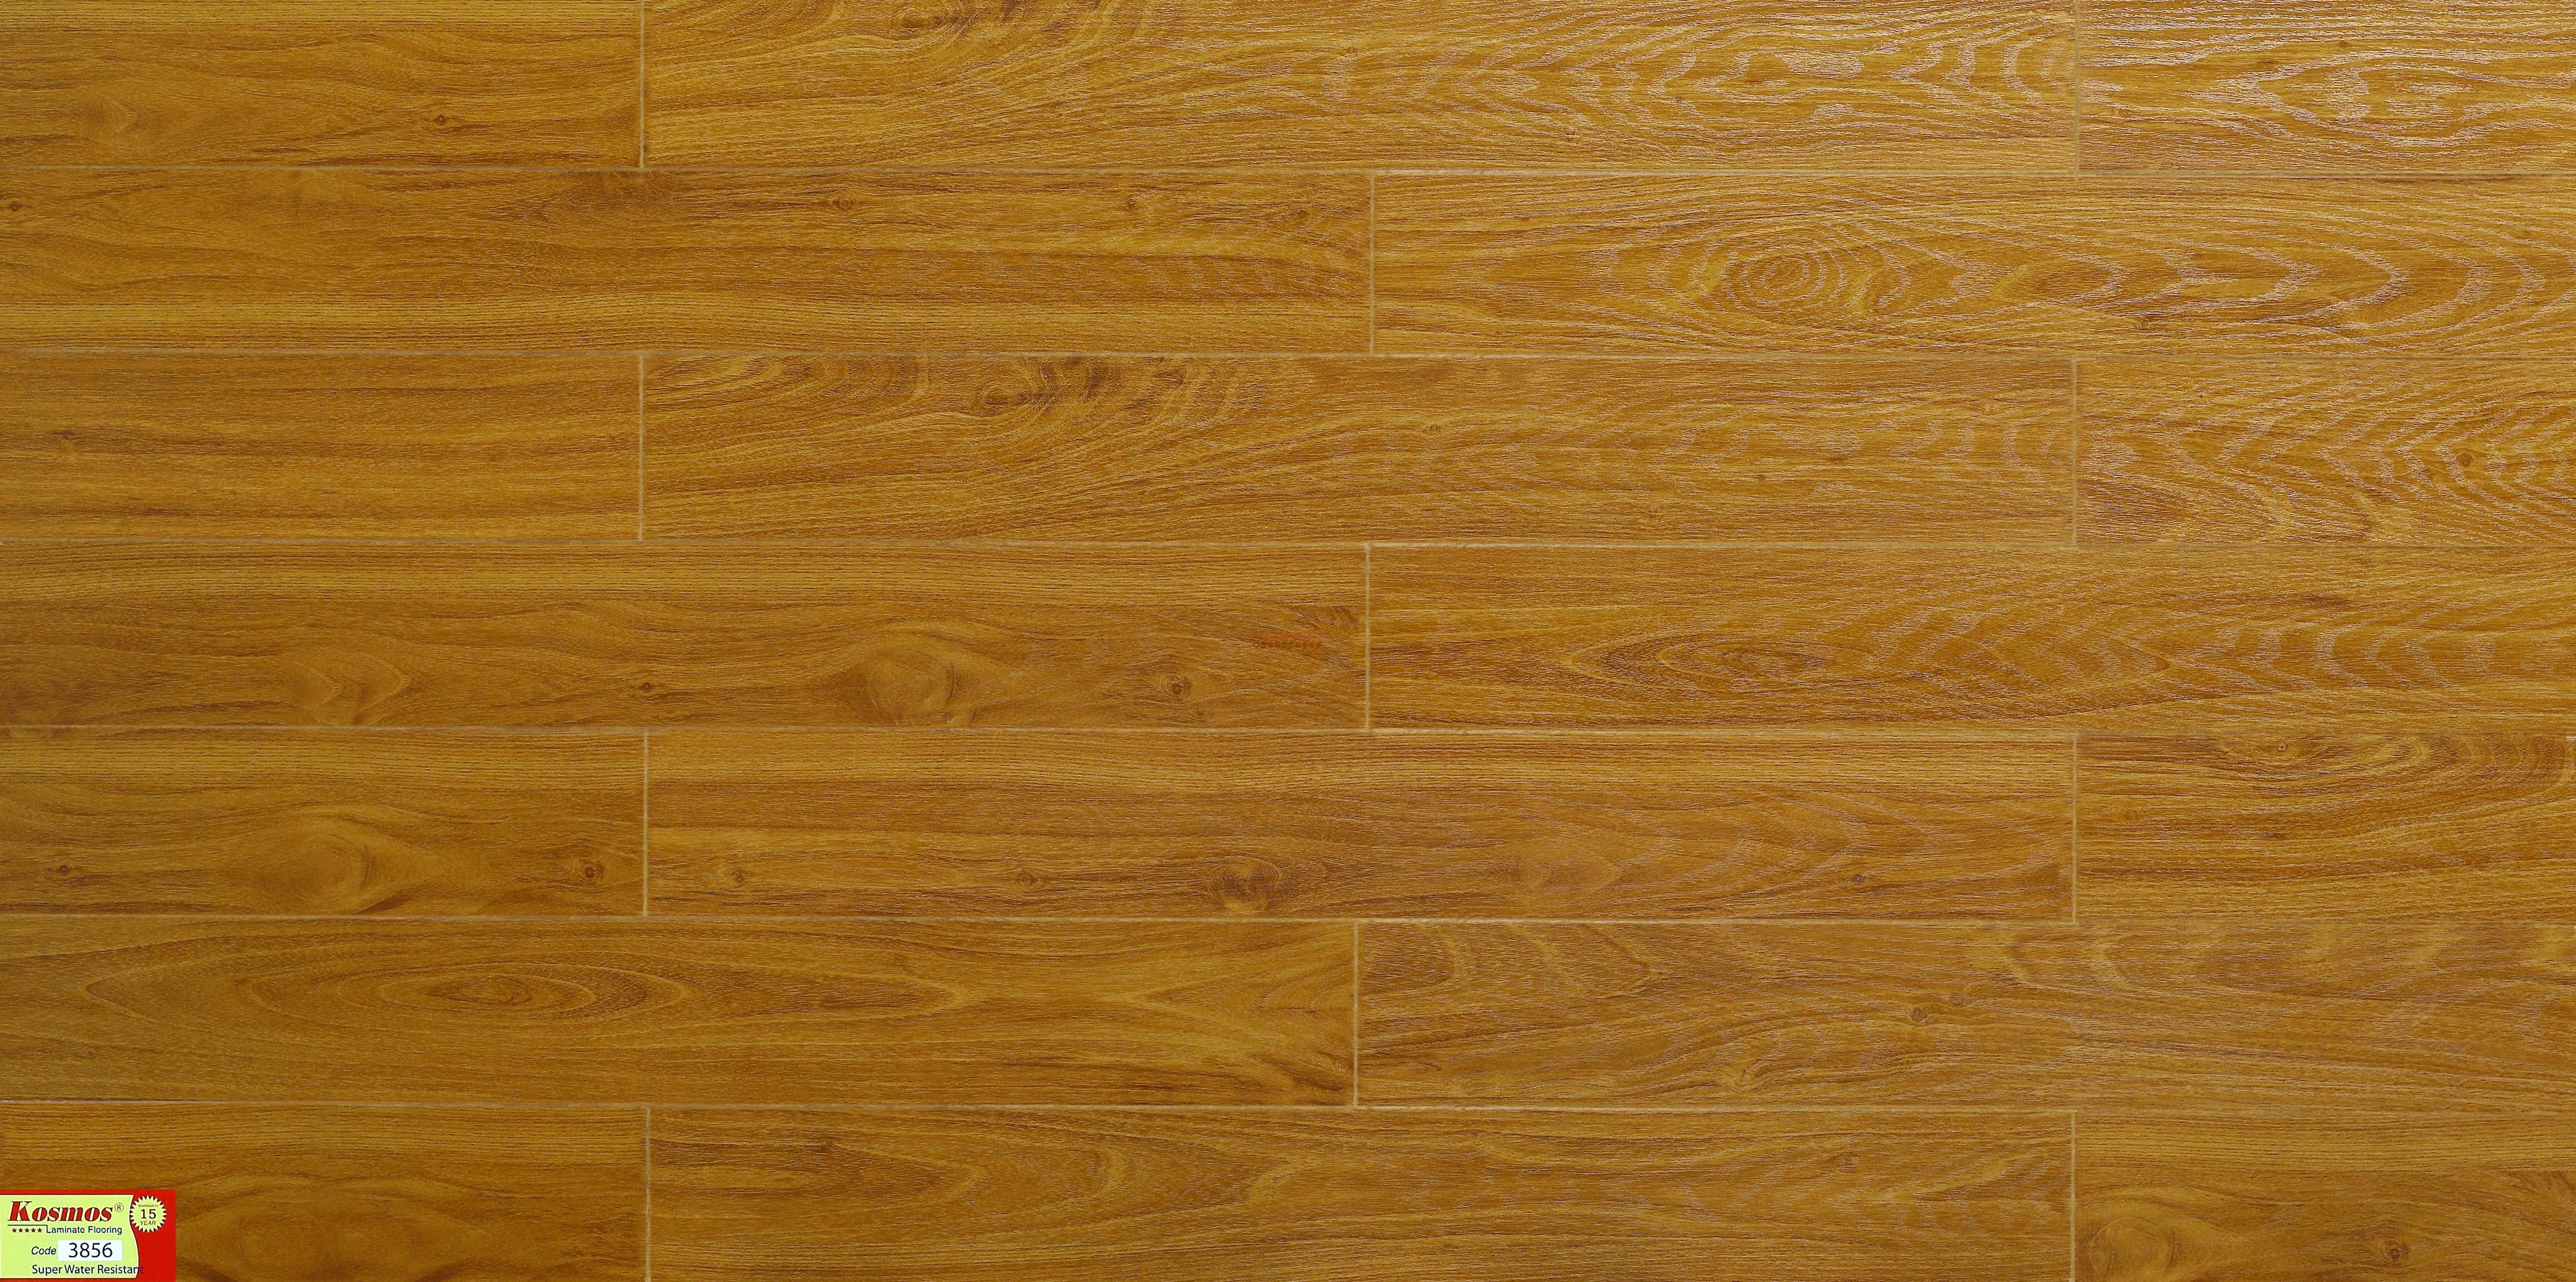 Sàn gỗ kosmos 3856